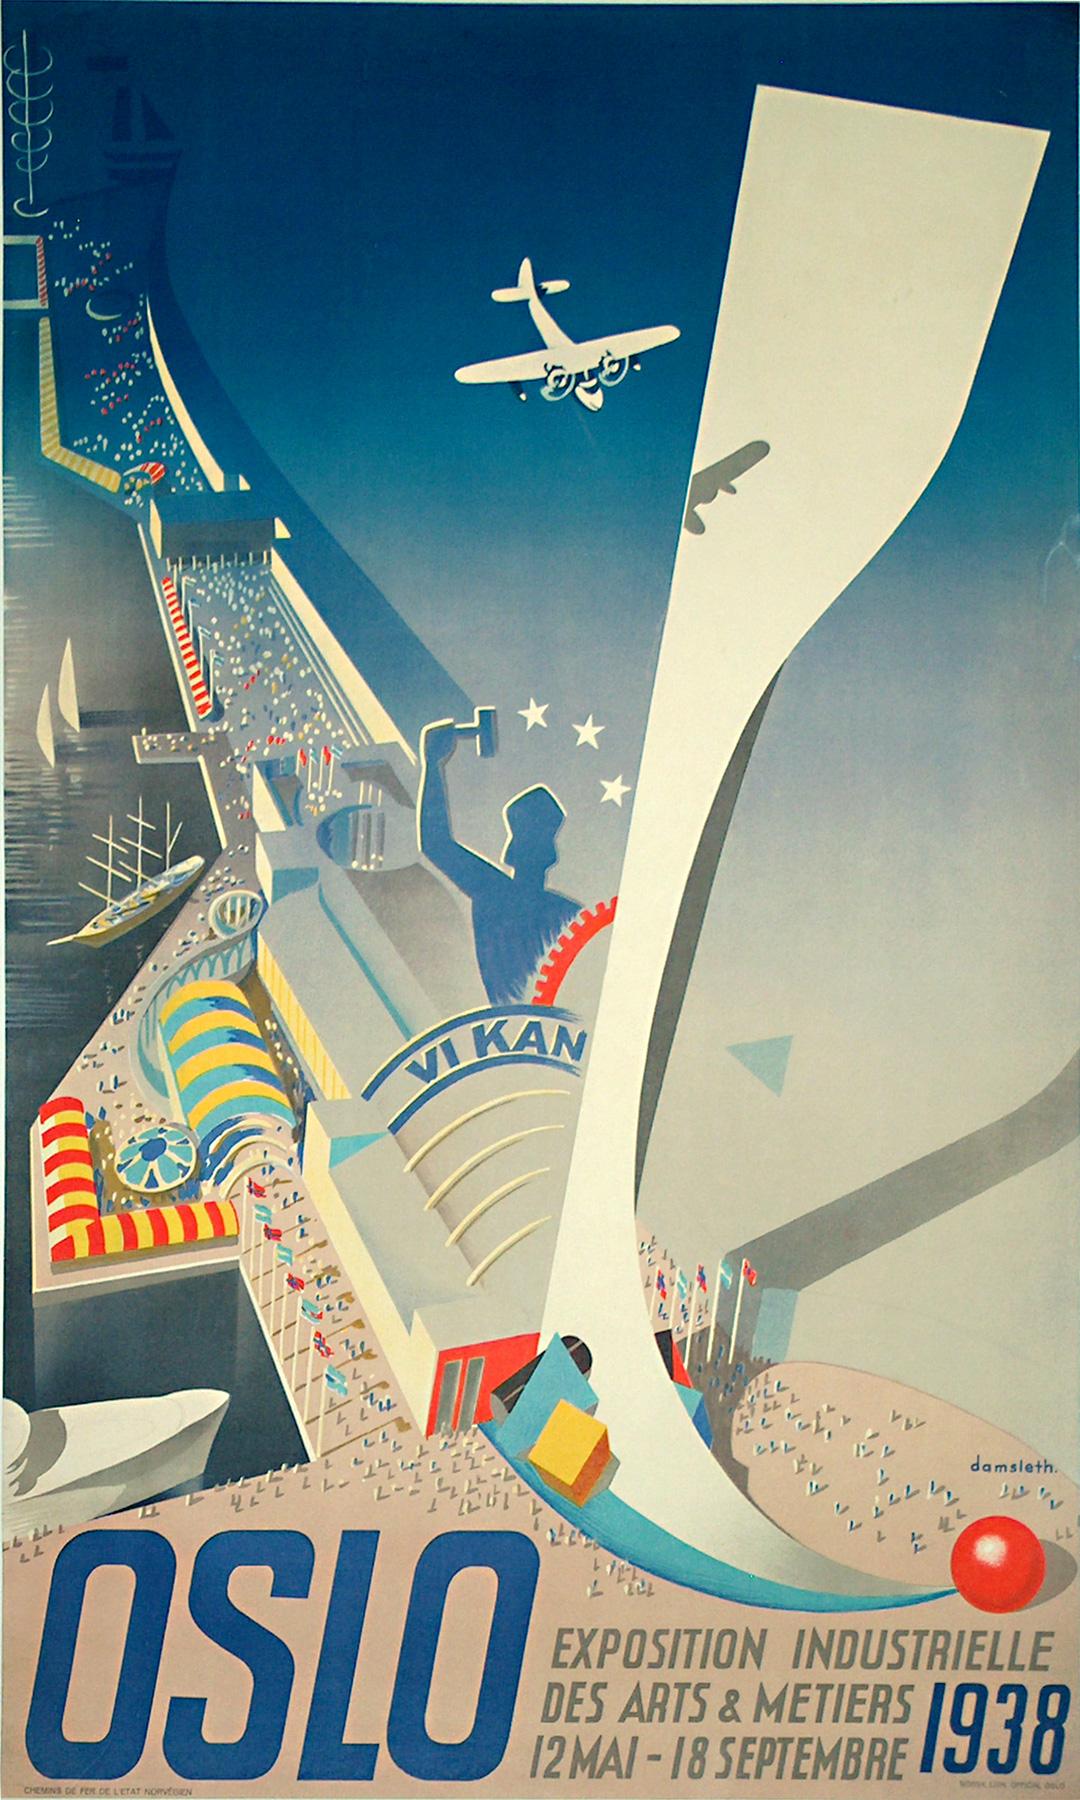 Vintage Travel and Vintage Airline at vintagecookbooks.com